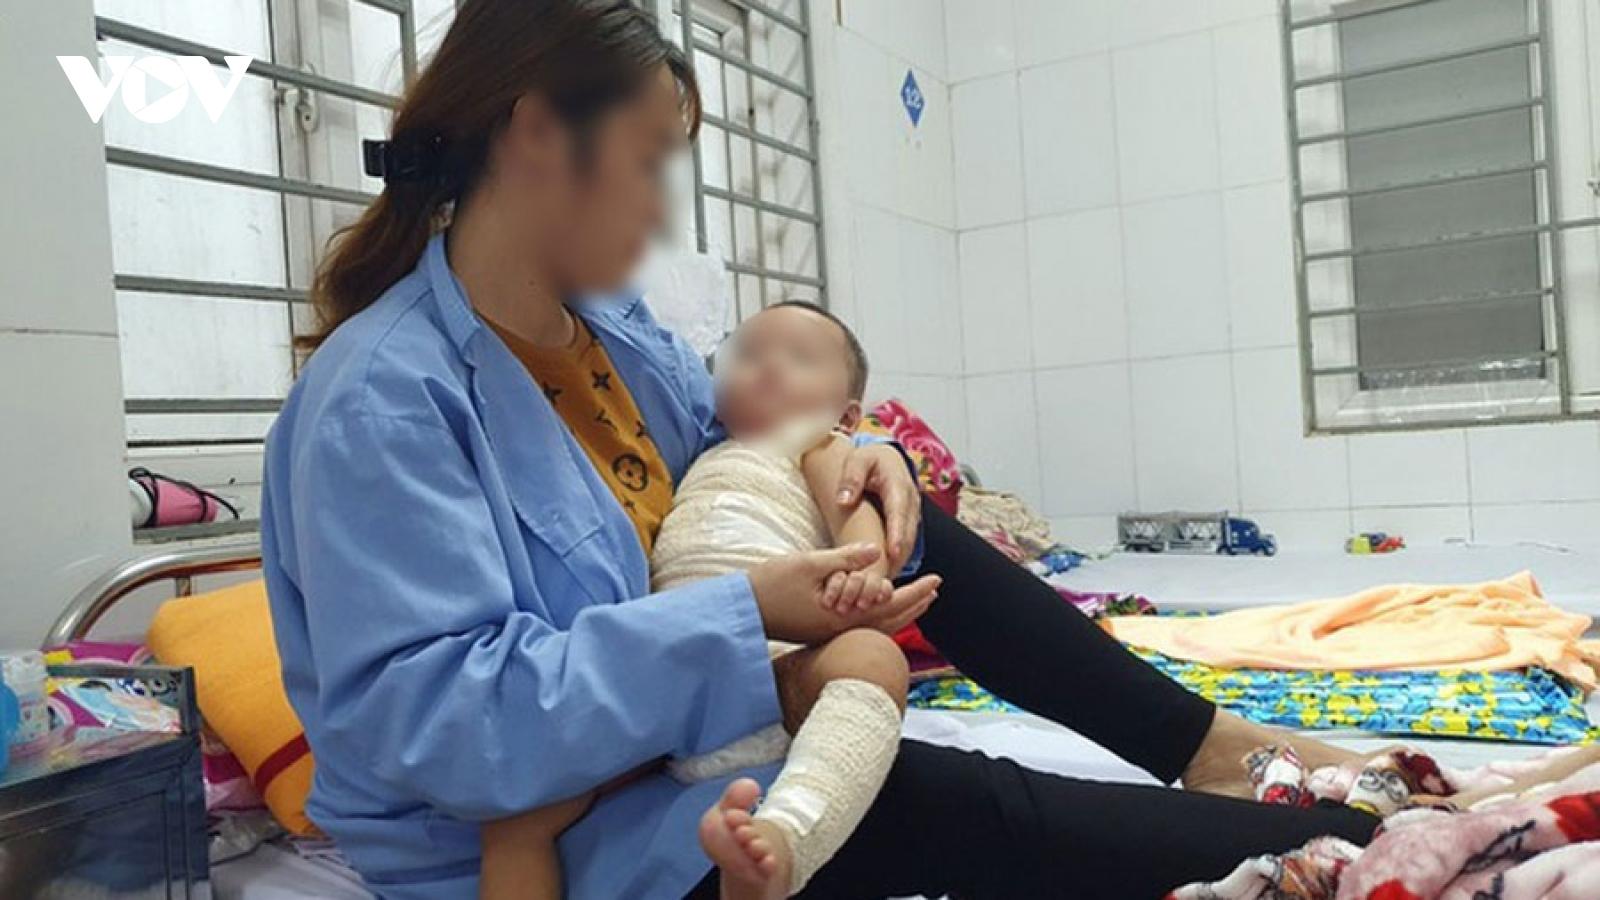 Chữa bỏng bằng thuốc lá, bé 13 tháng tuổi bị nhiễm trùng nặng